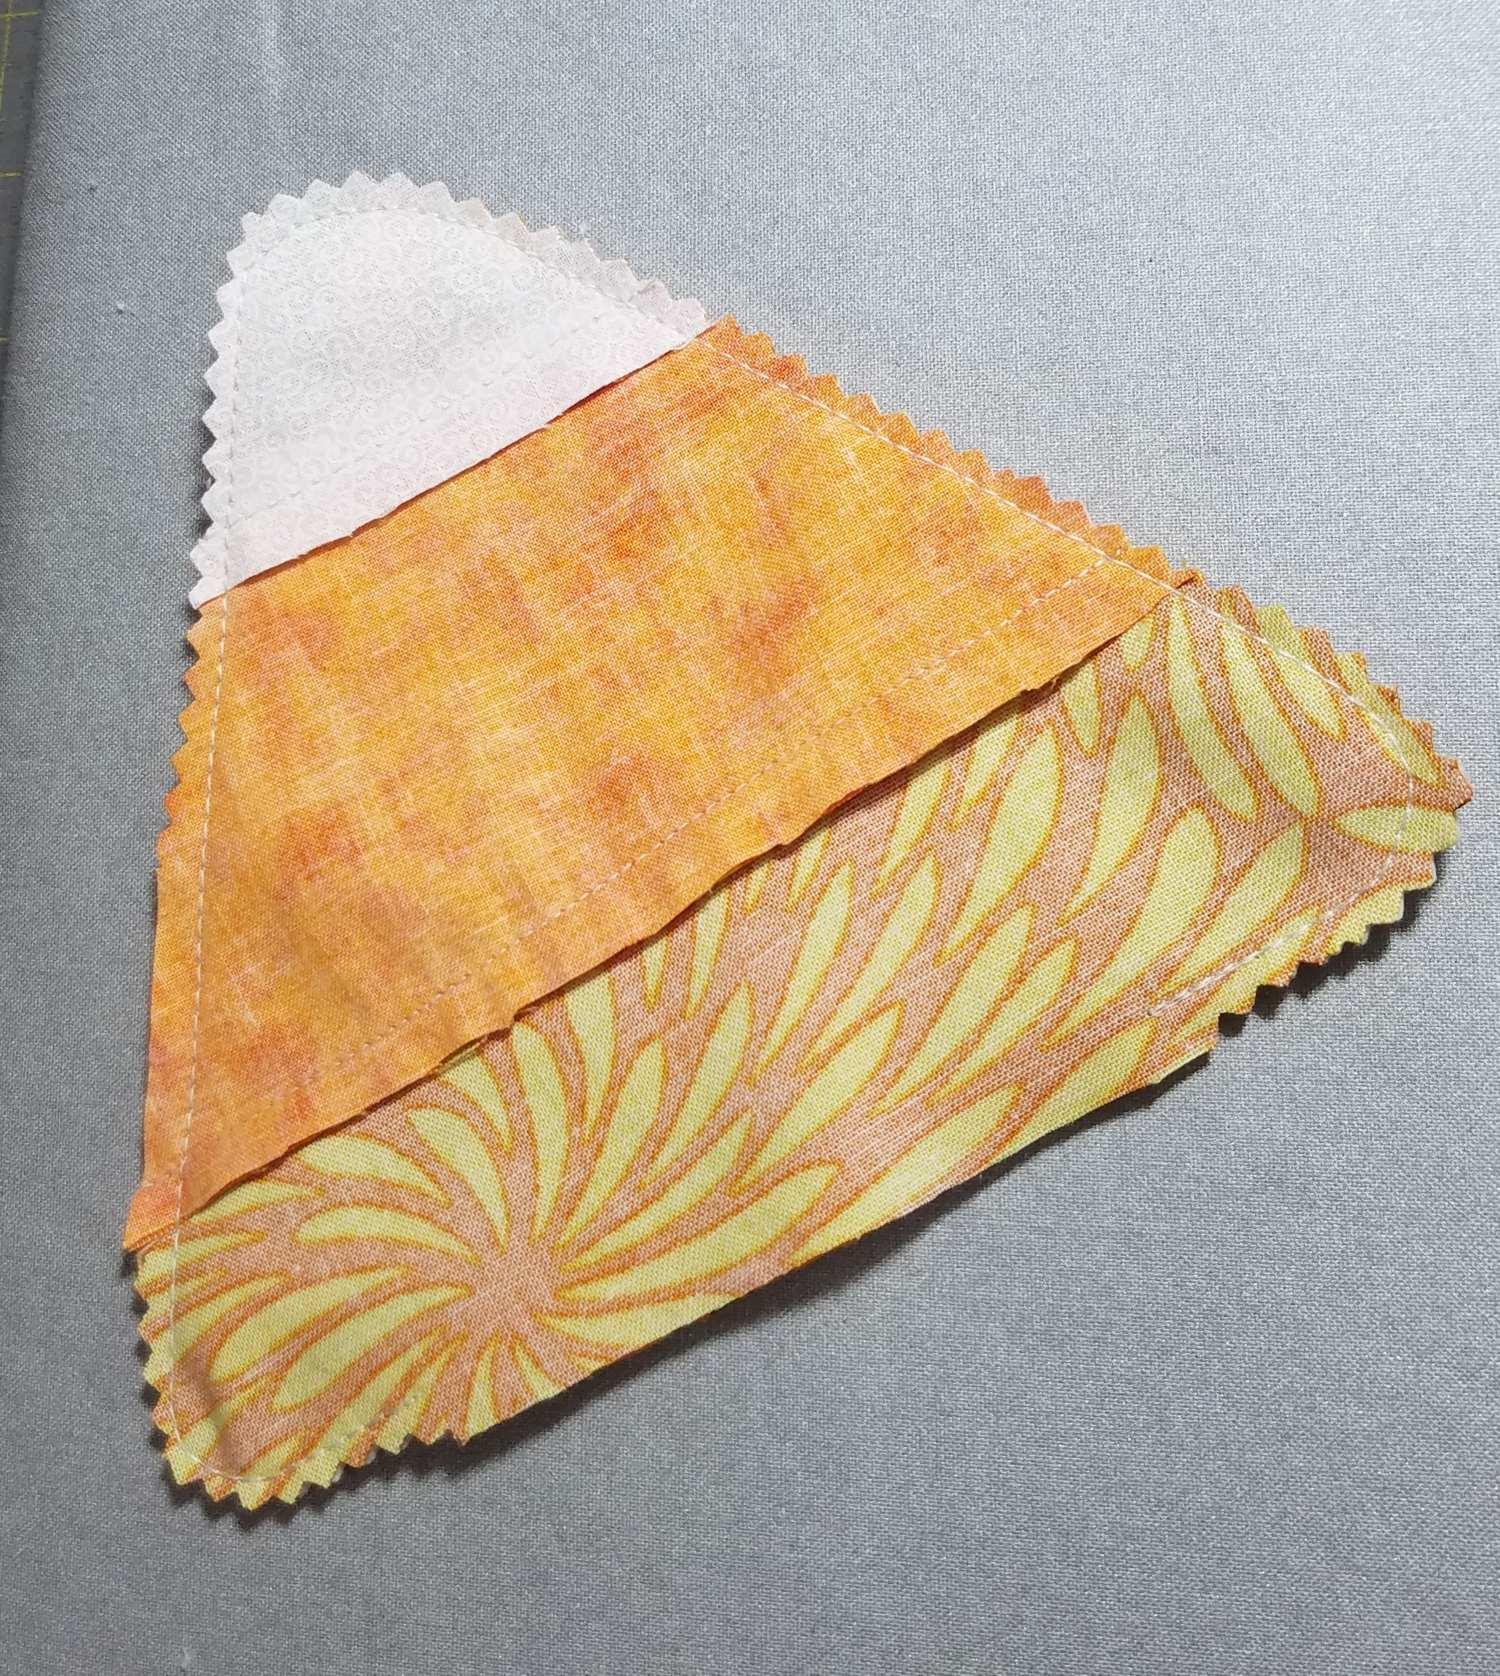 candy corn 3.jpg